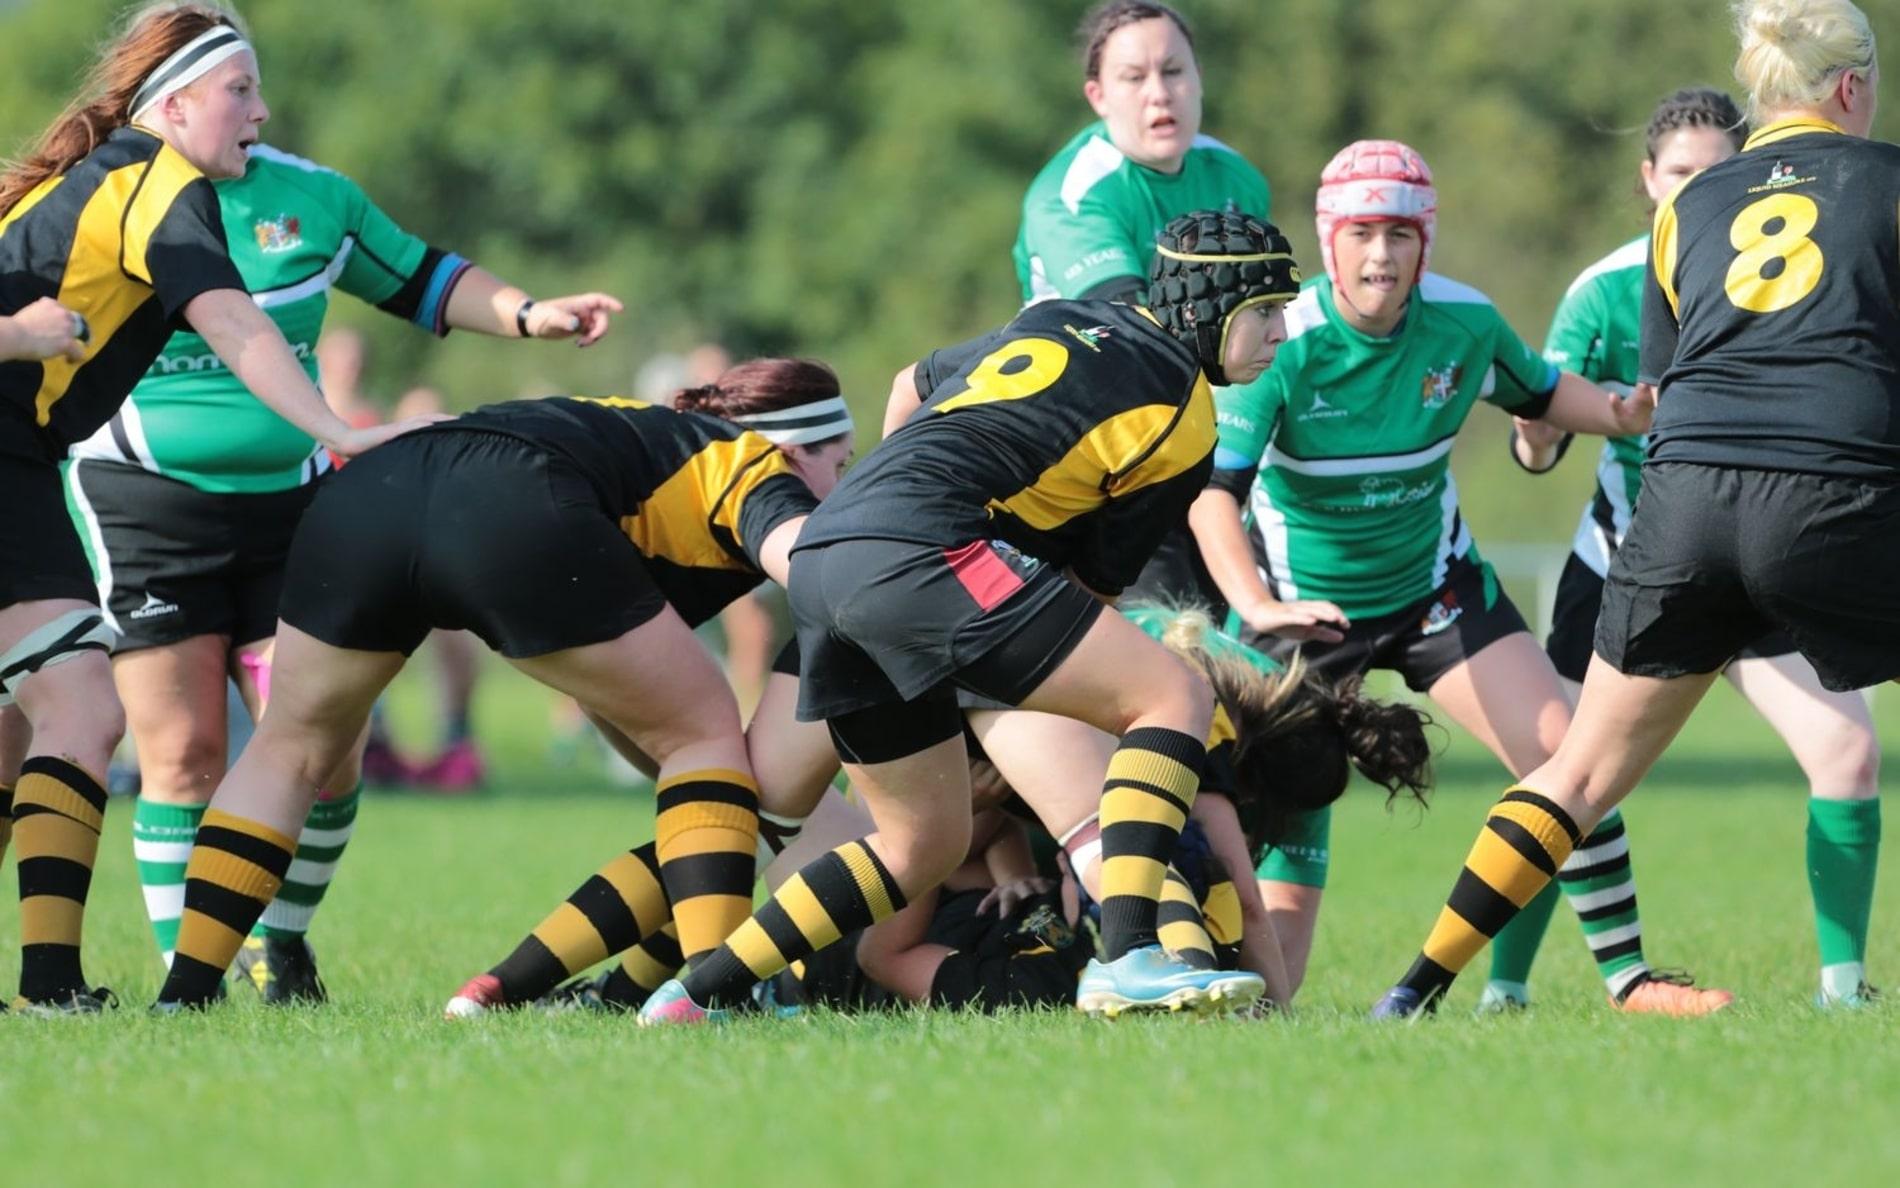 Llandaff North Ladies Rugby Club